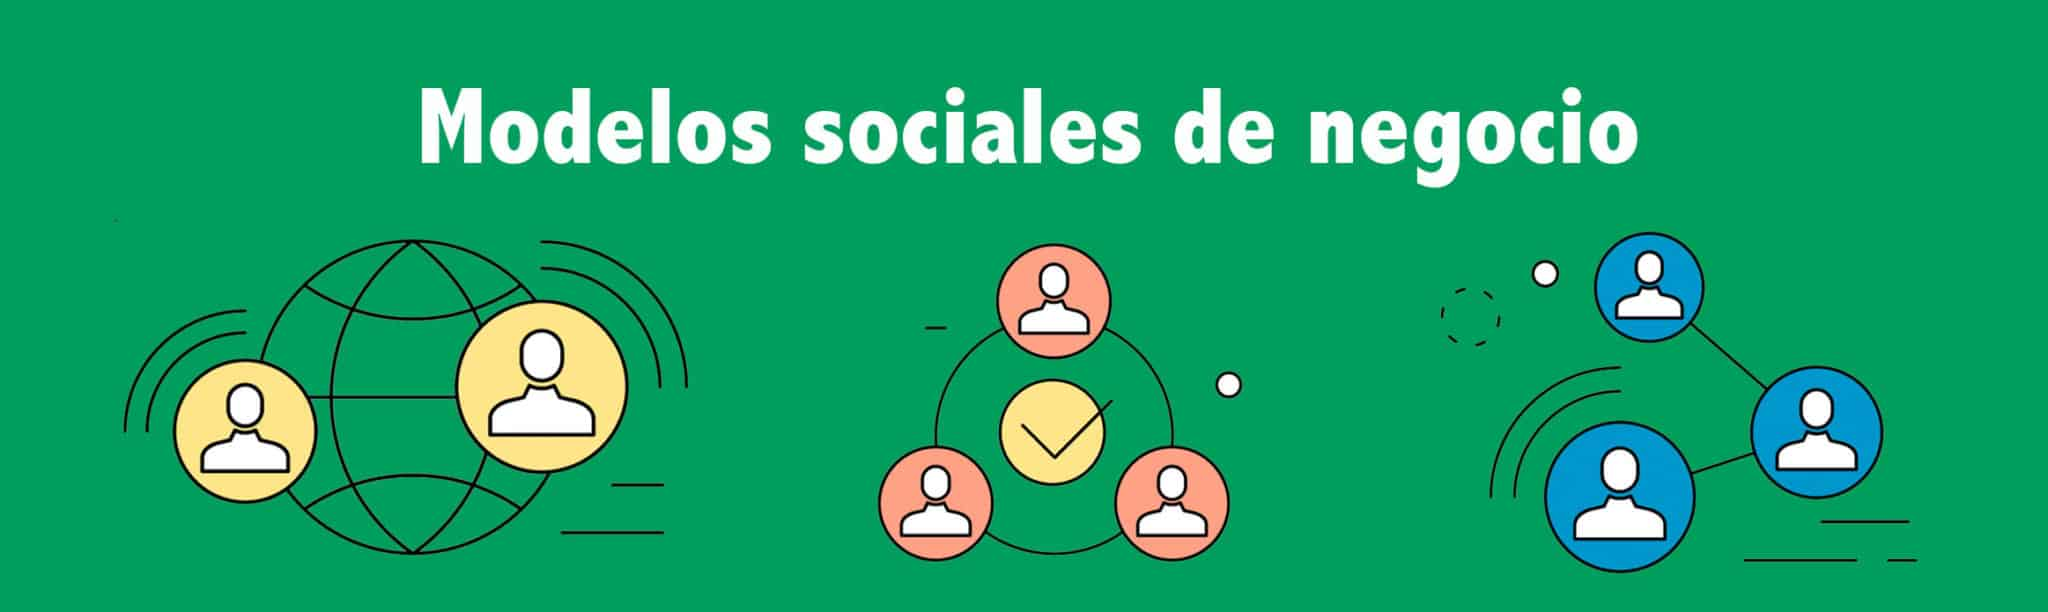 MODELOS SOCIALES